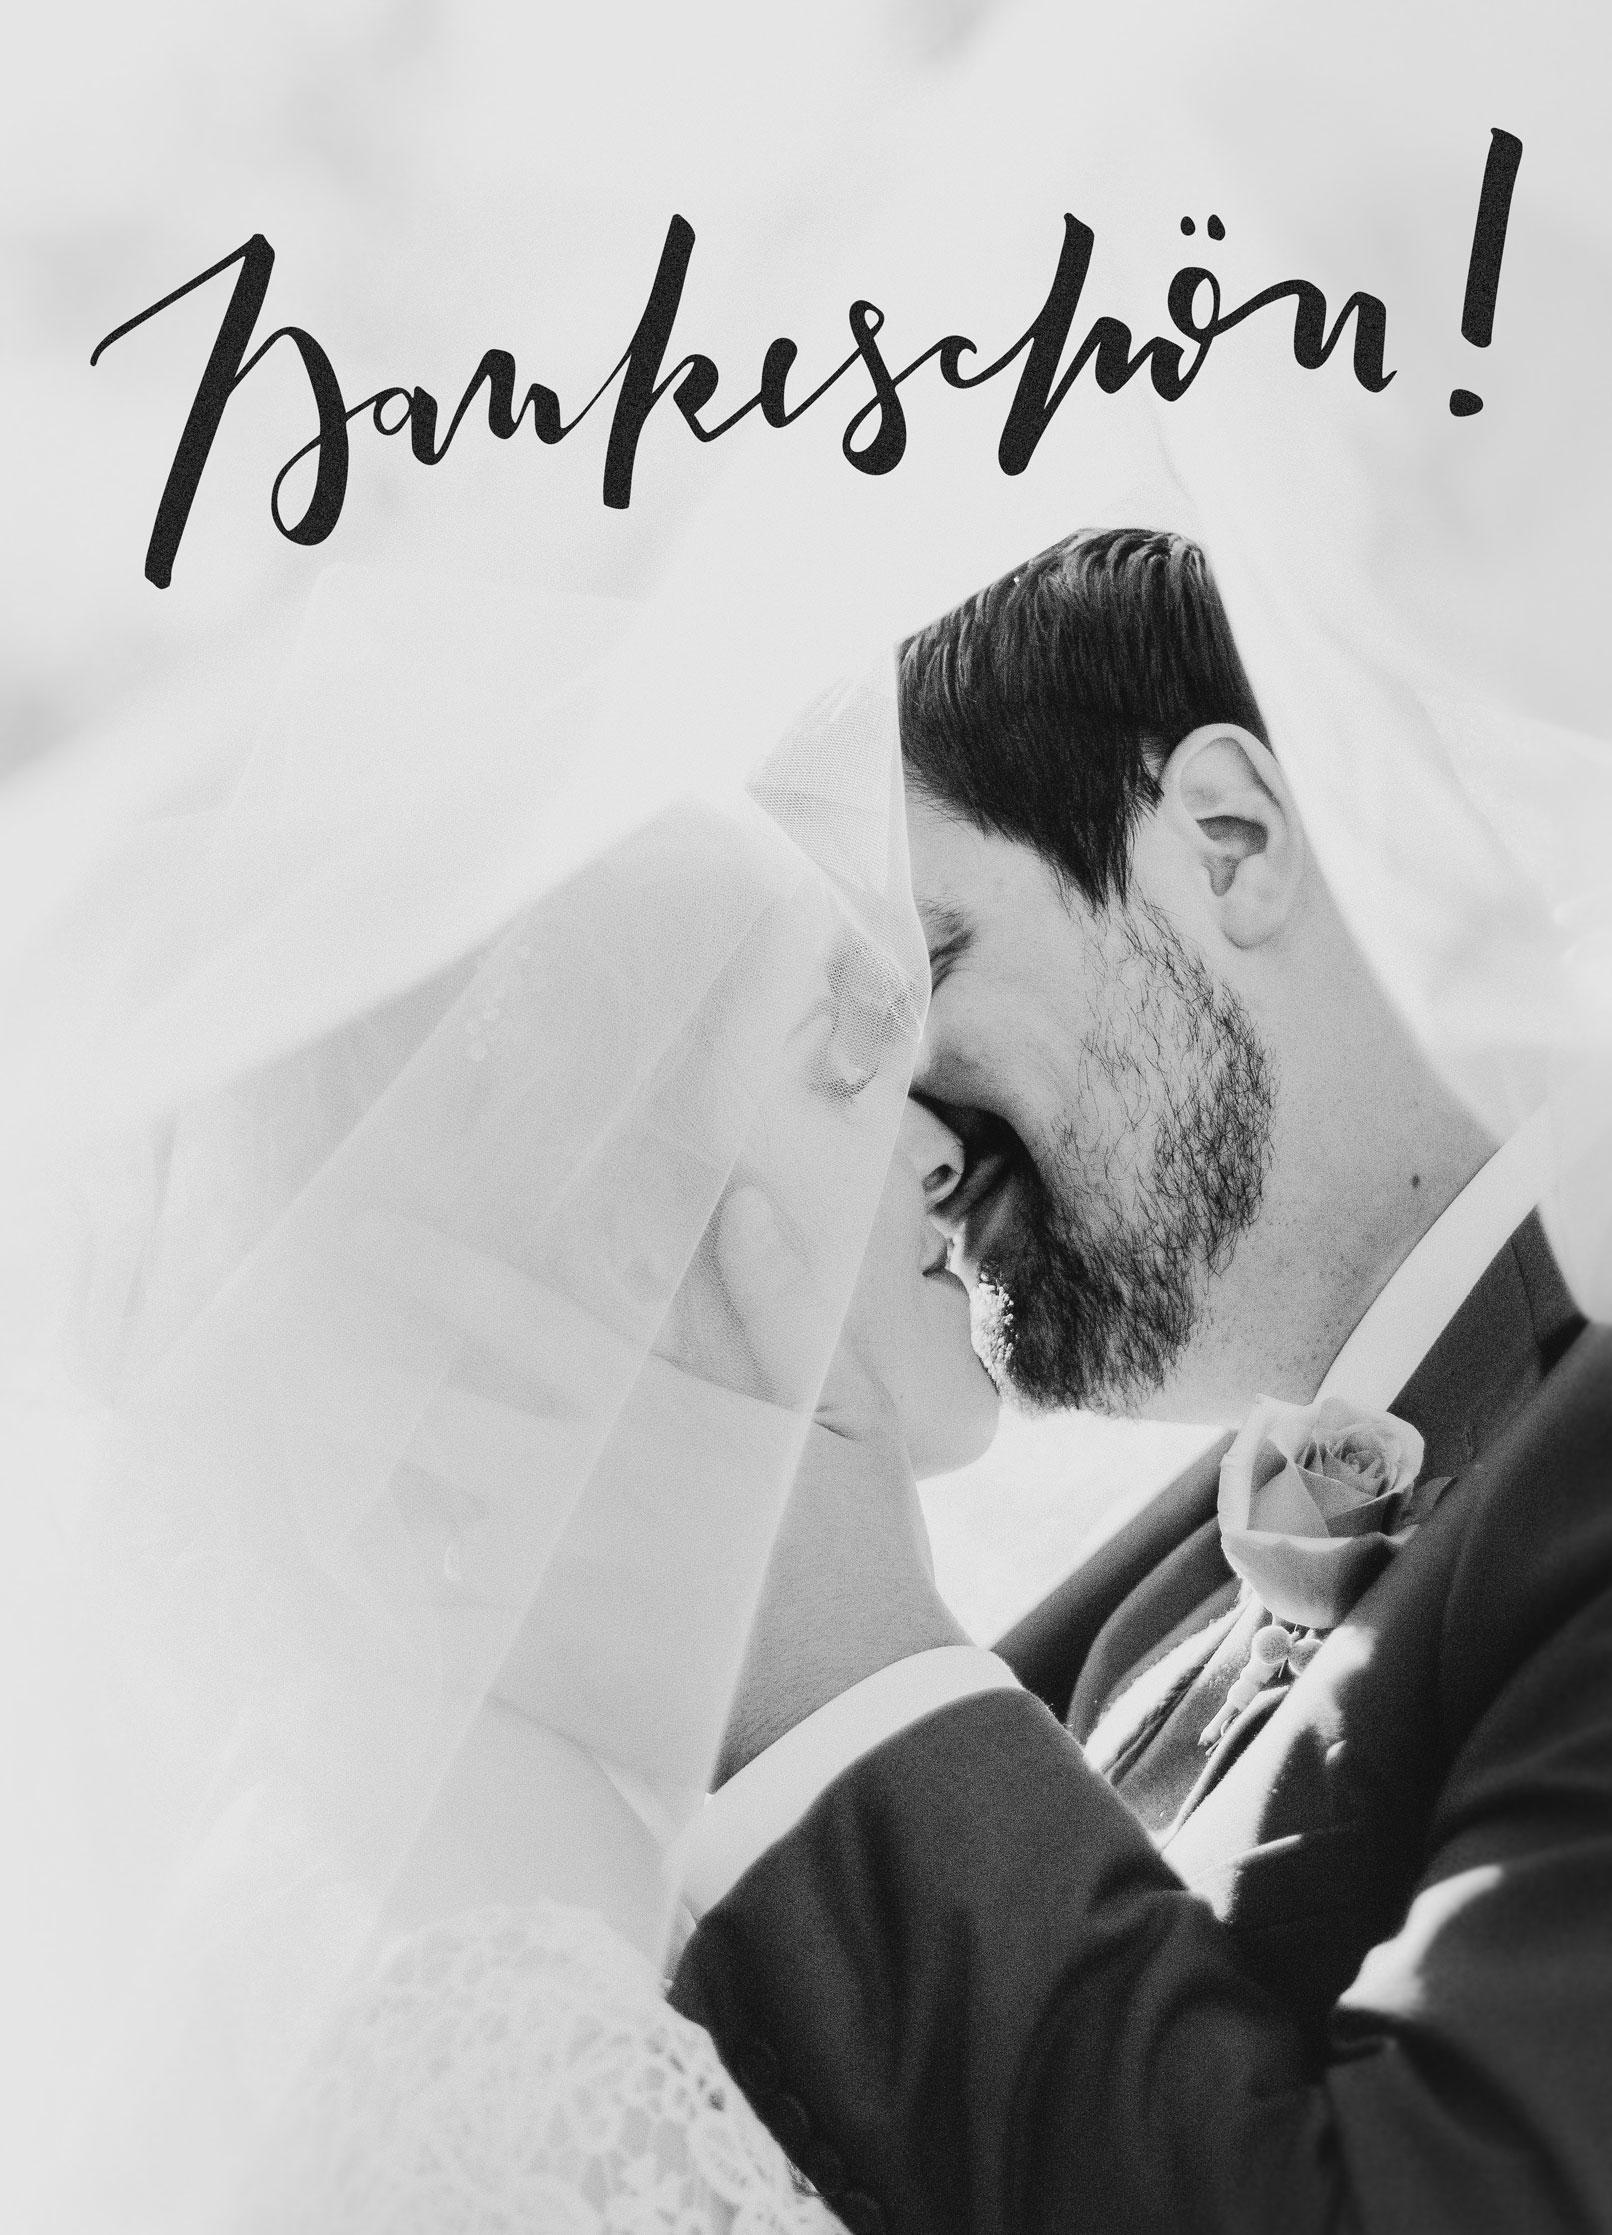 Dankeskarte Hochzeit mit Handlettering Dankeschön